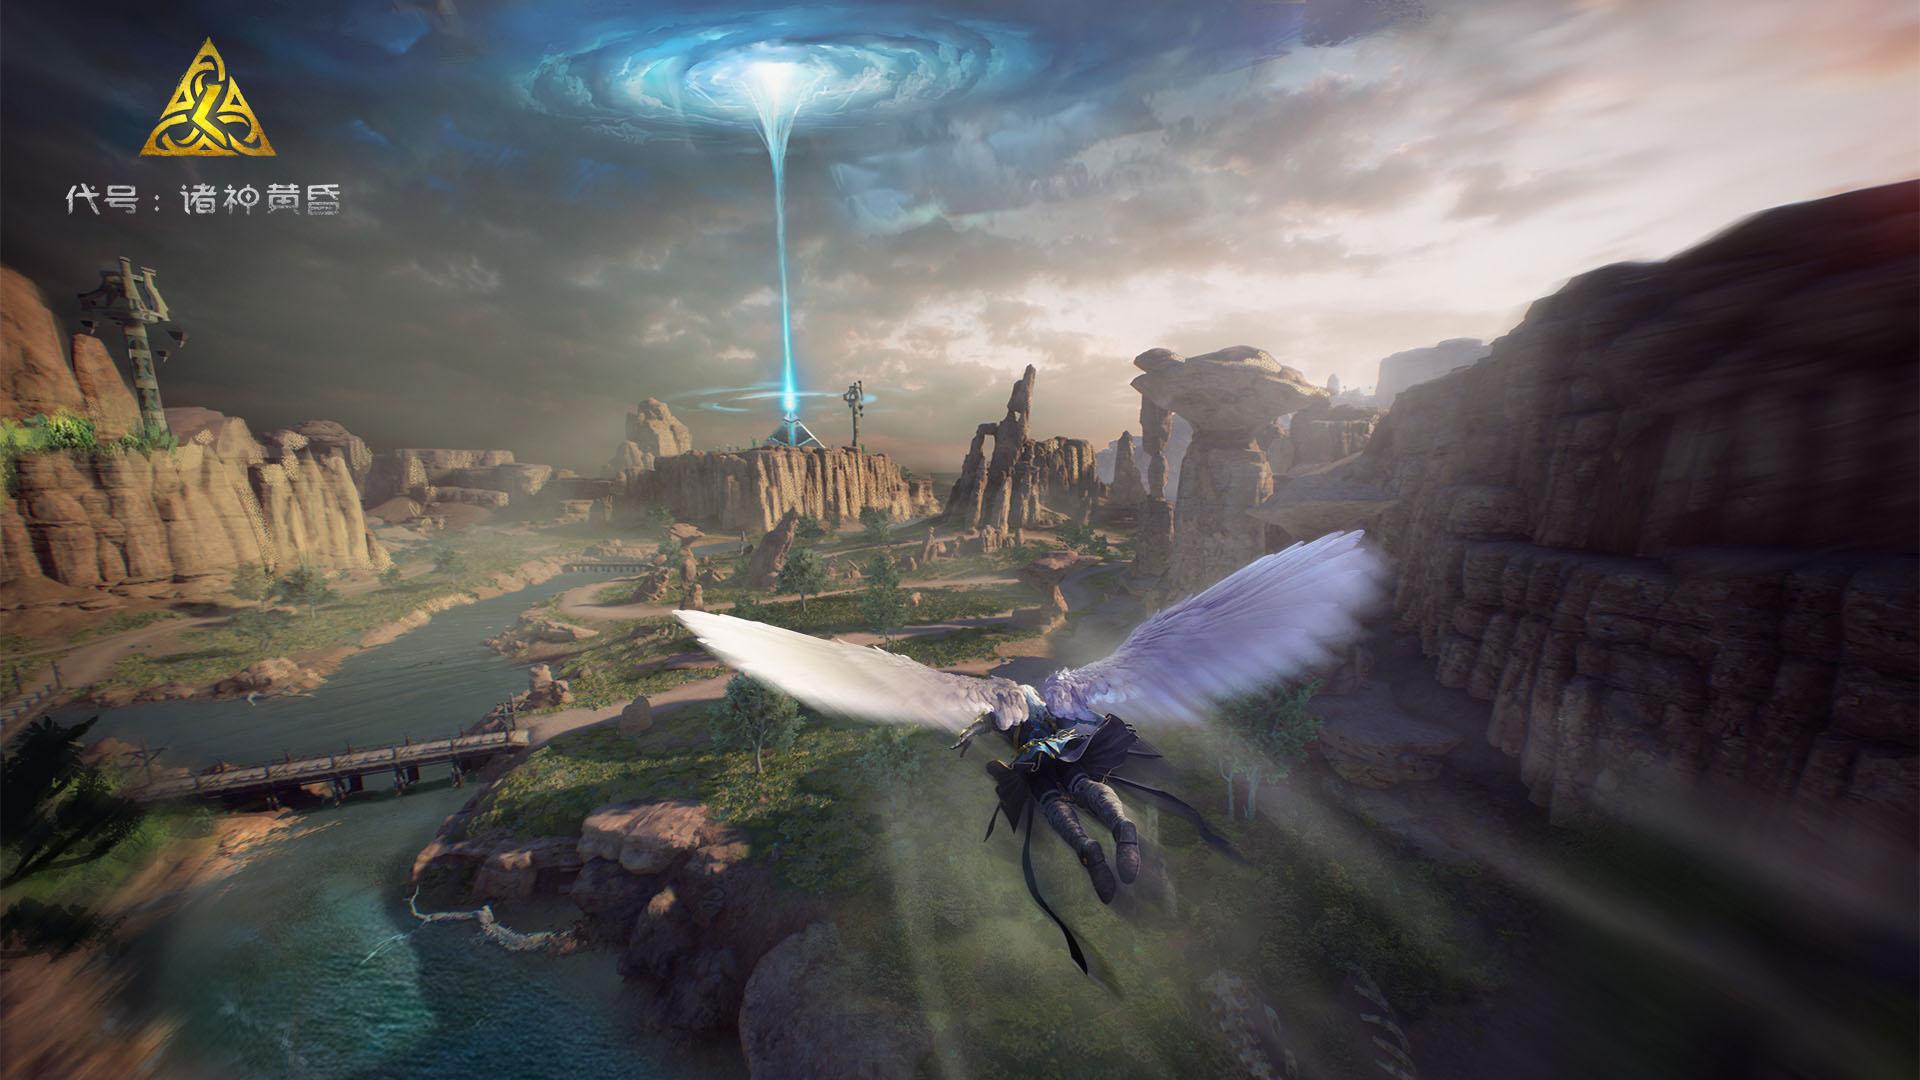 网易520发布全平台游戏 《代号:Ragnarok(诸神黄昏)》惊艳亮相